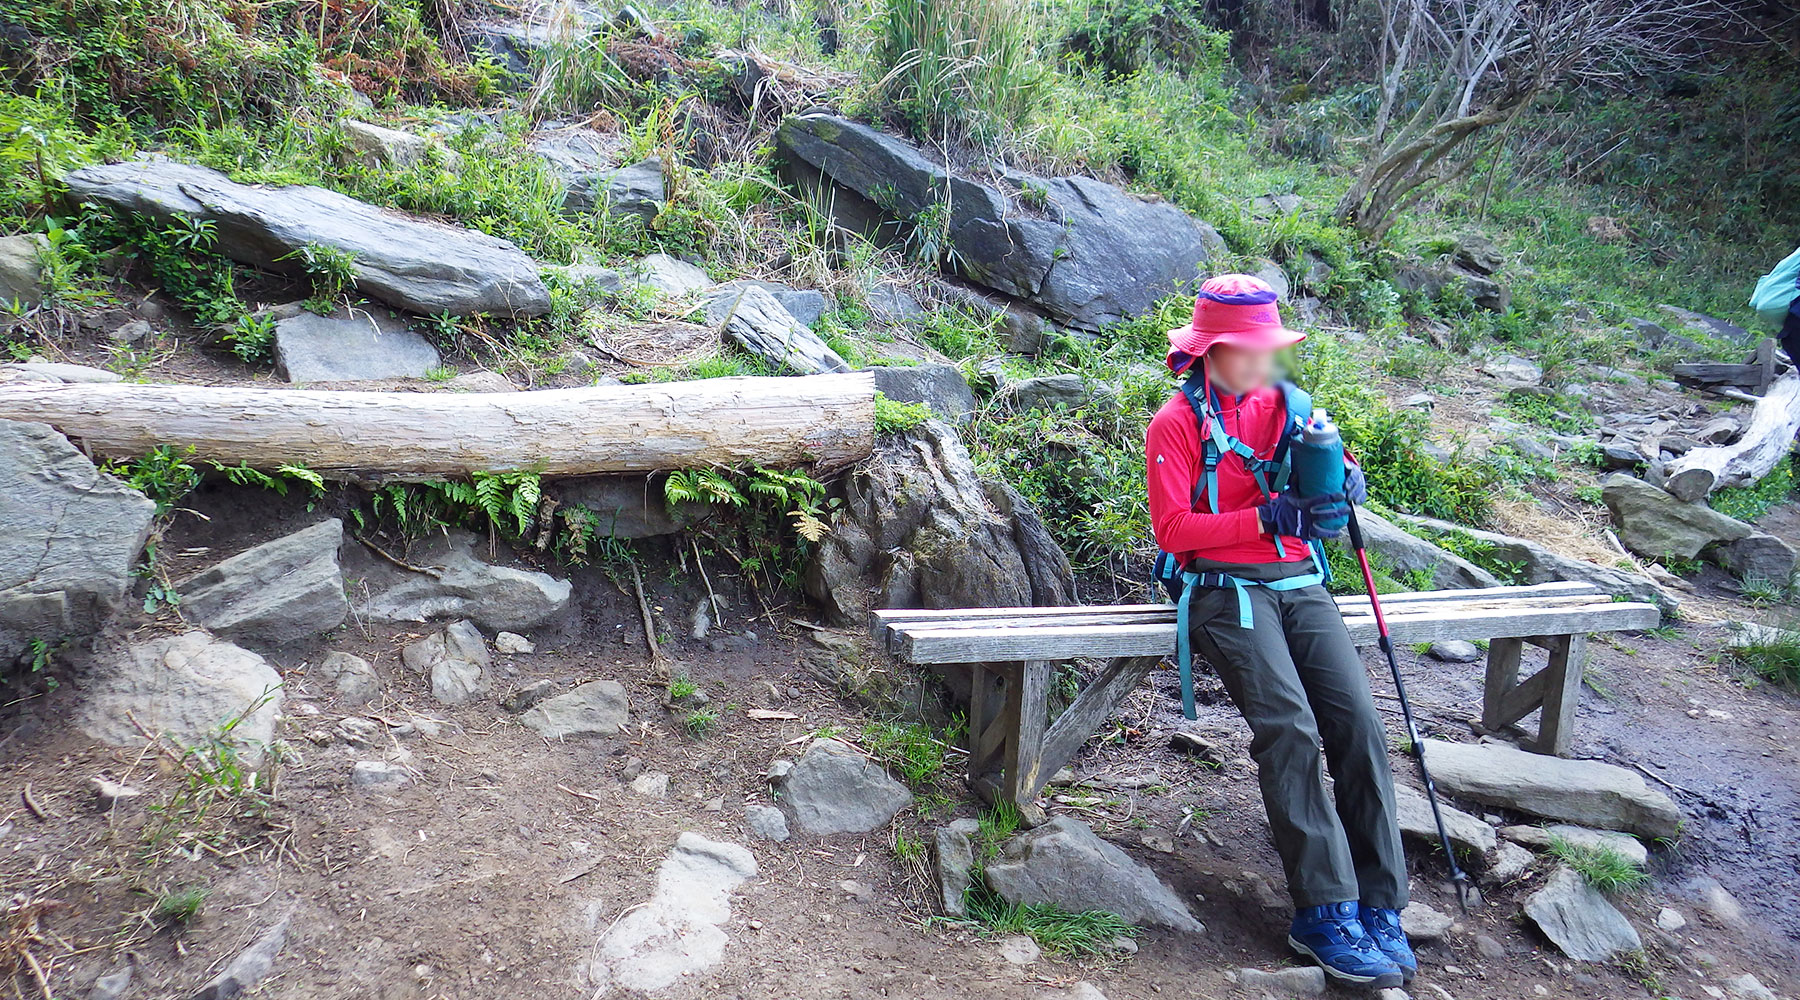 宝篋山・極楽寺コースのコブシが生えている所も休憩スポット